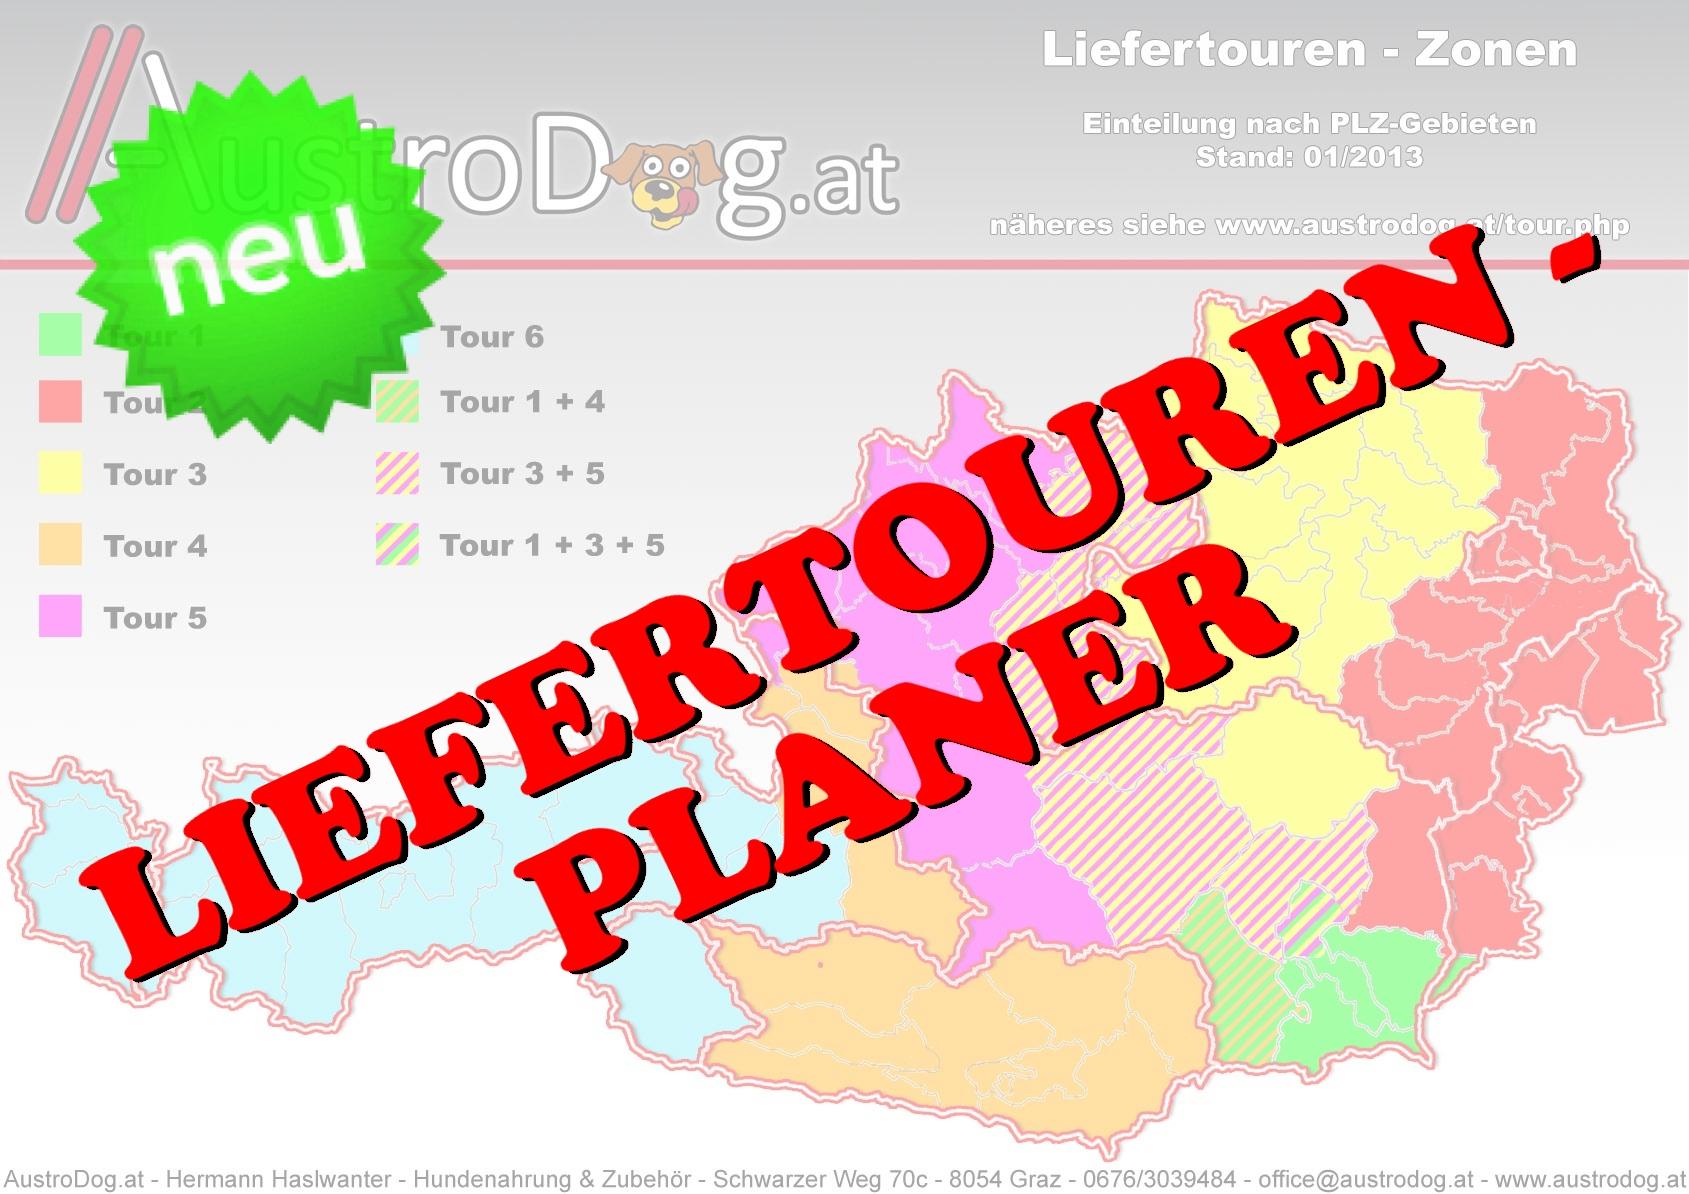 Liefertouren-Planer